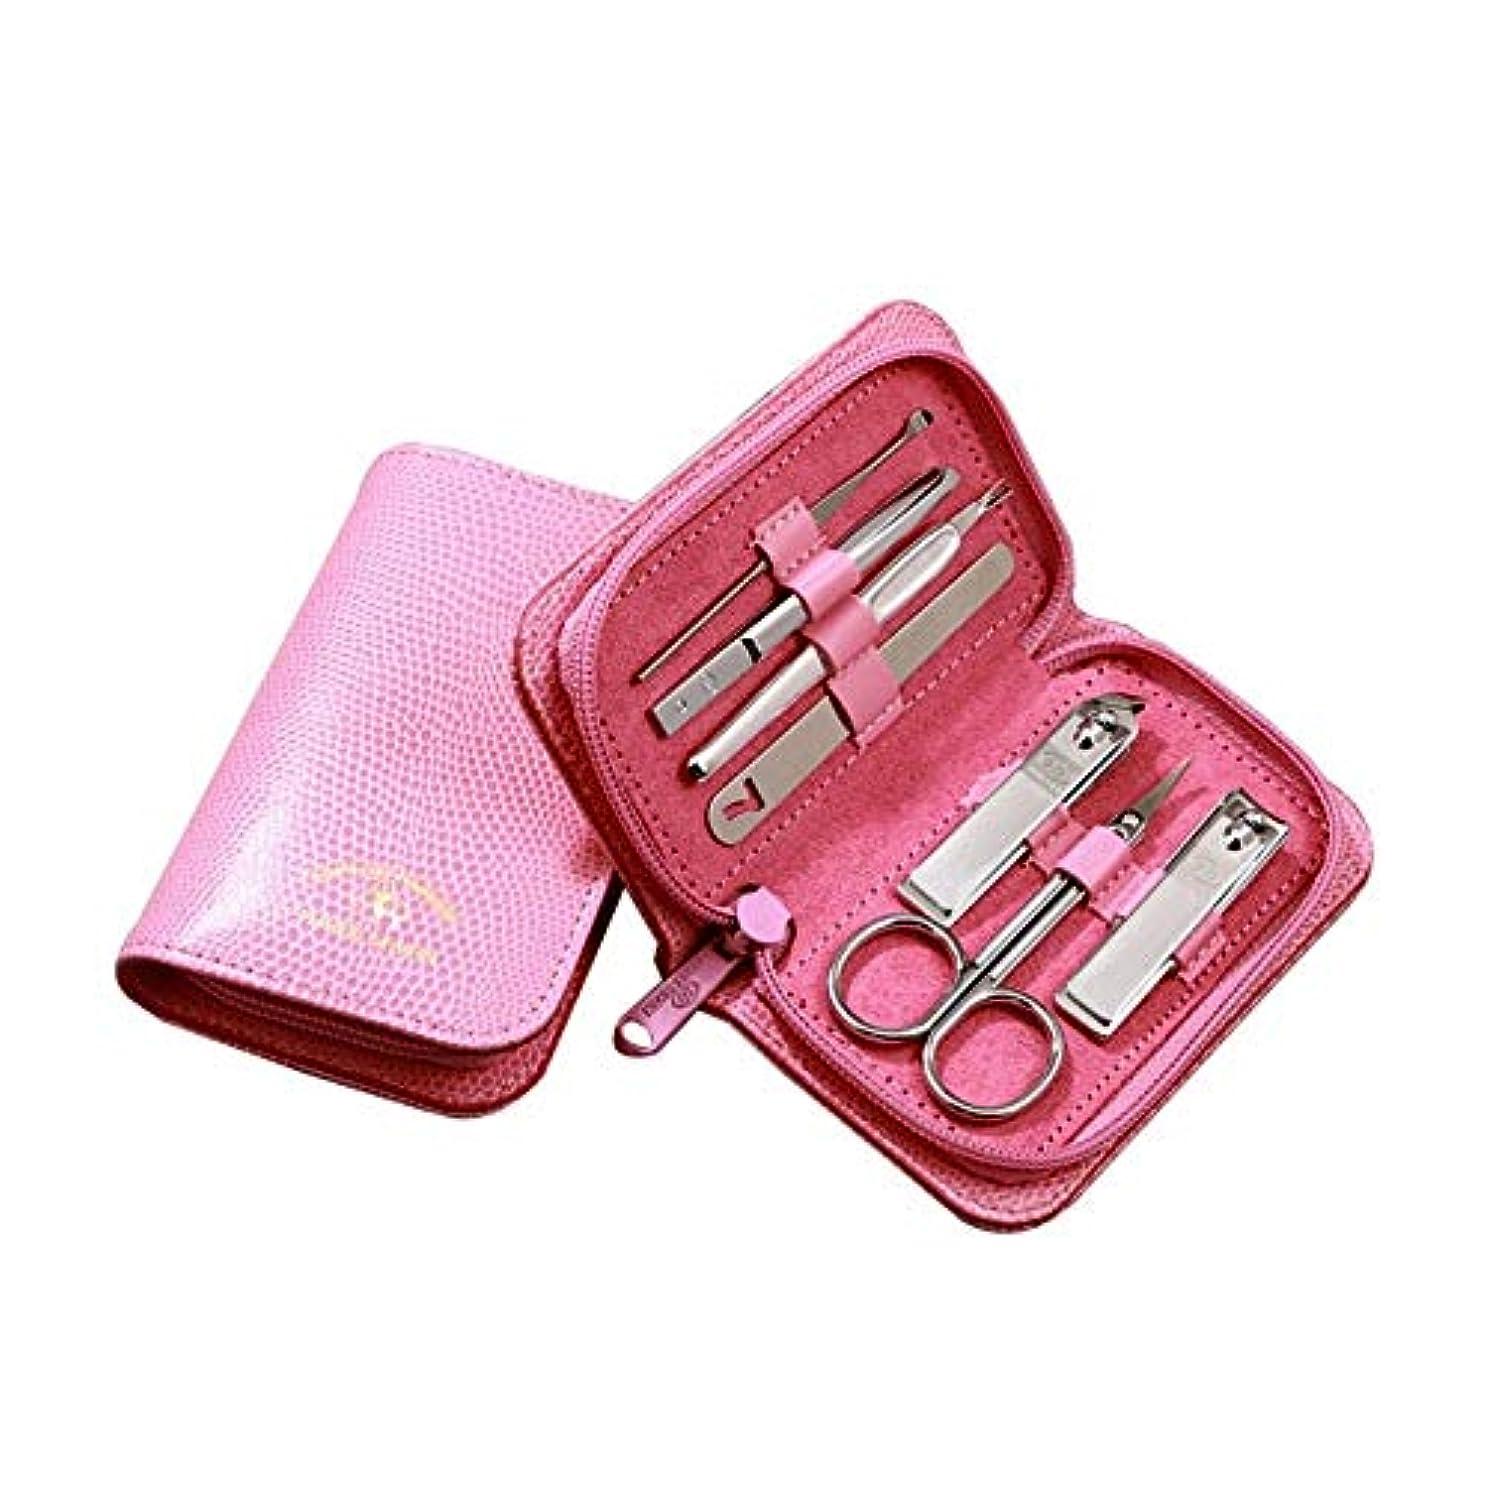 内陸確かに意欲JIAYIZS ネイルクリッパーズは、家庭用ネイルはさみネイルクリッパーネイルマニキュアツールは、7ピンクのセットのセット (Color : Silver)